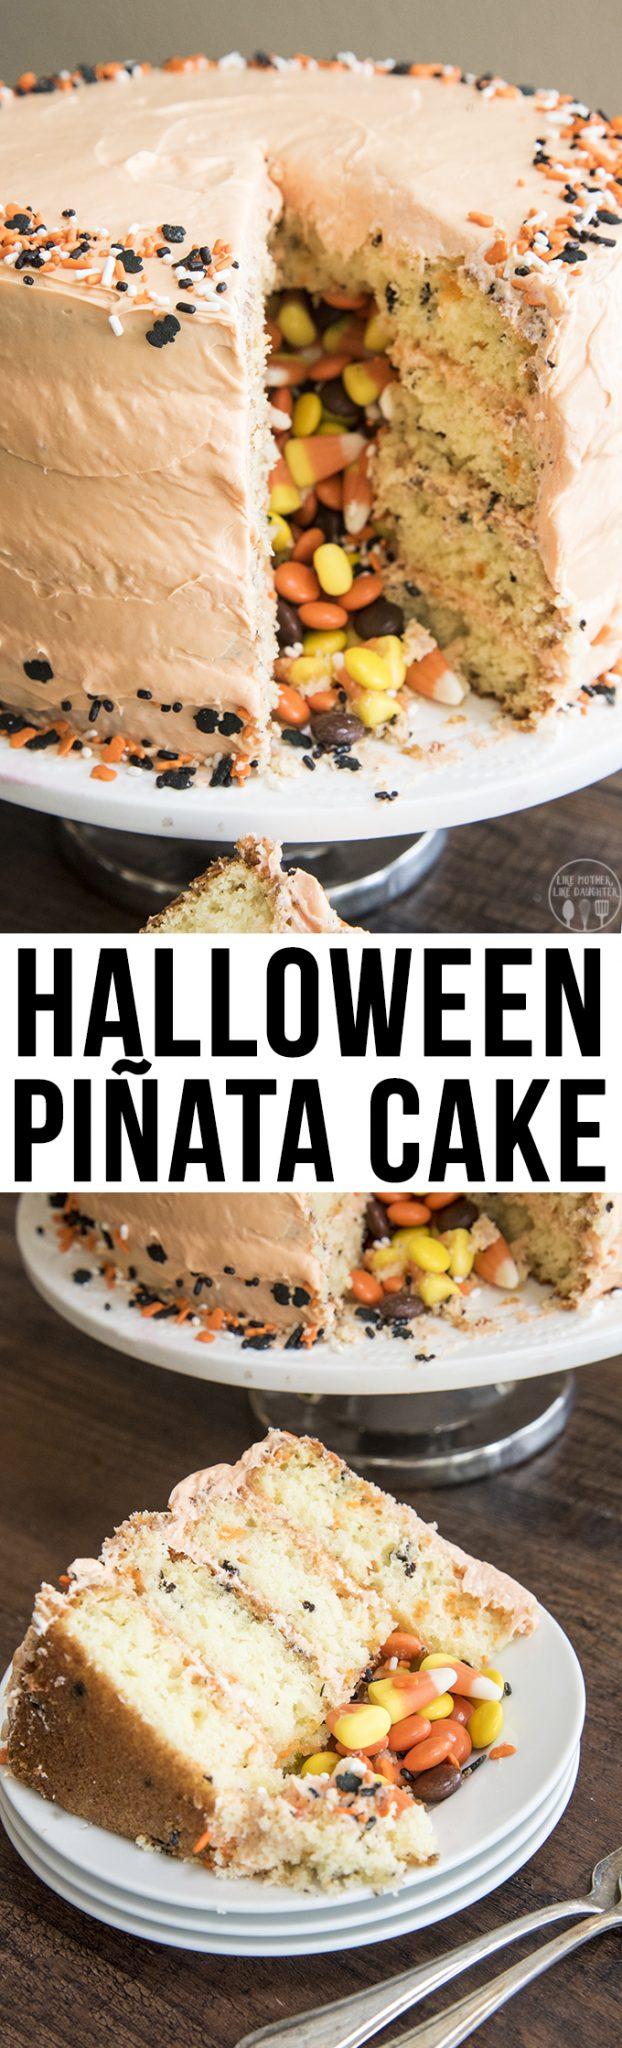 Easter Pinata Cake Recipe